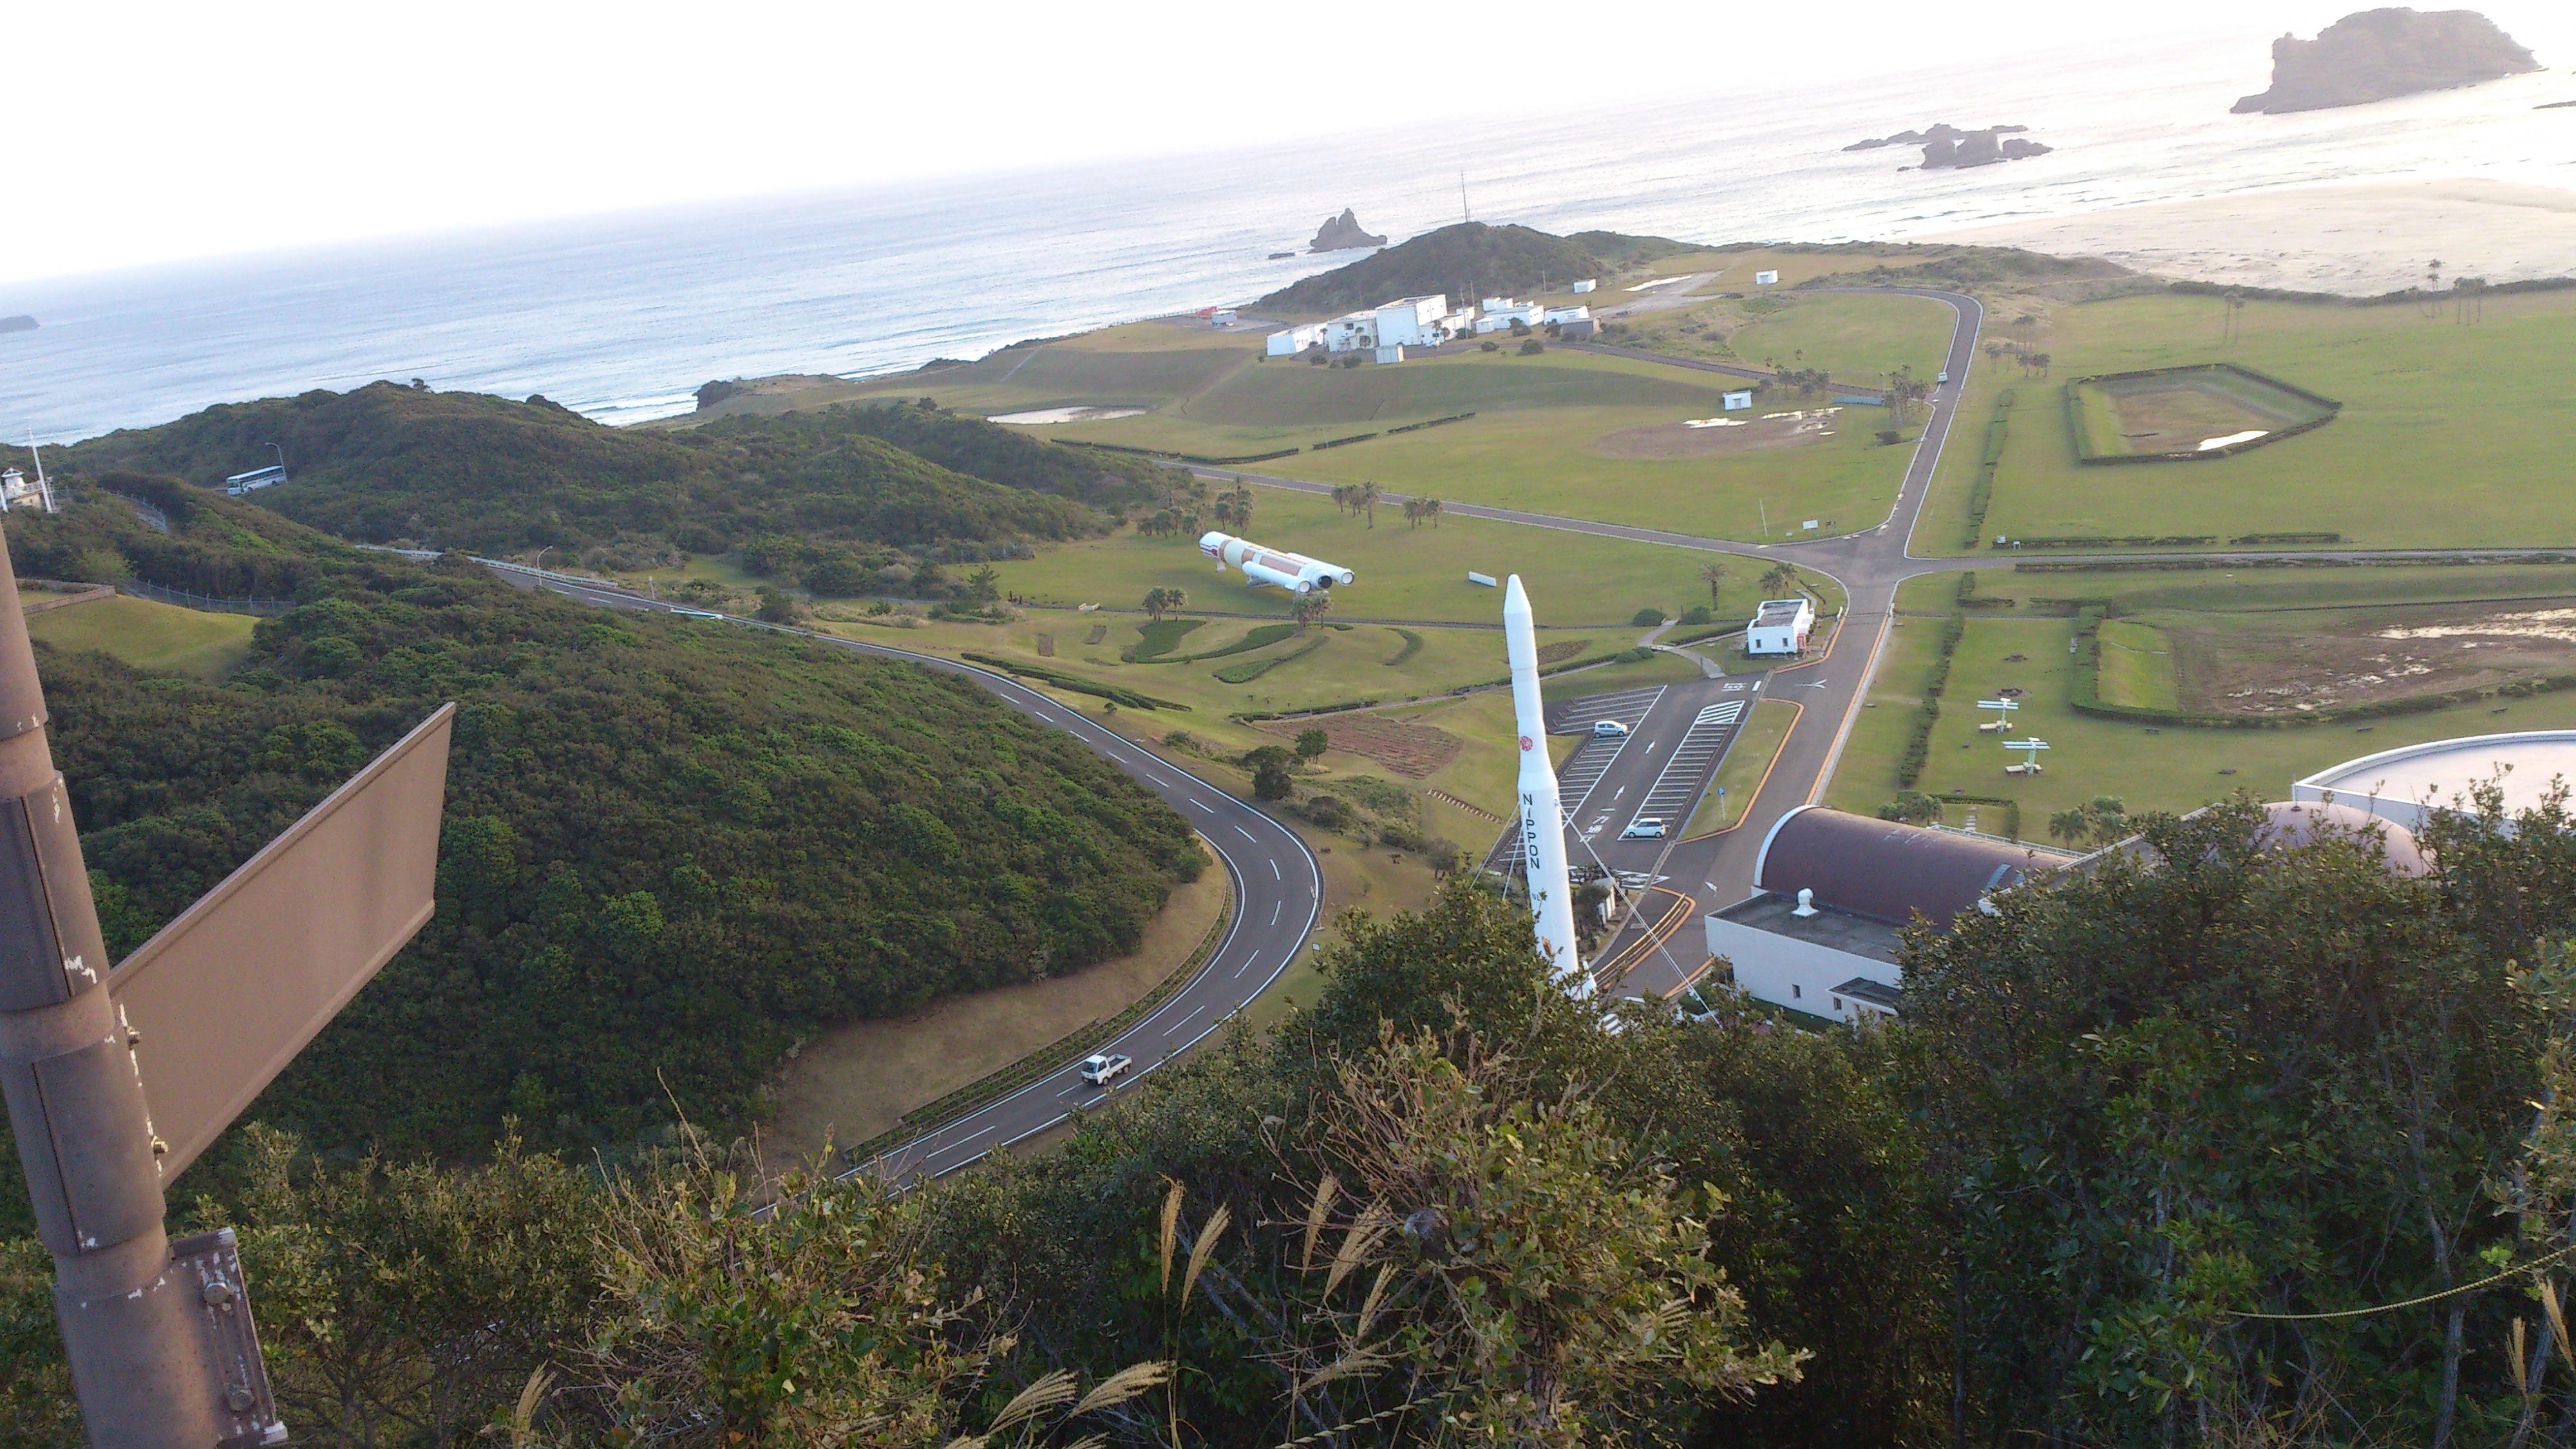 2012年12月。僕は種子島を一人で旅した:少し角度を変えて宇宙ステーション近辺を撮影